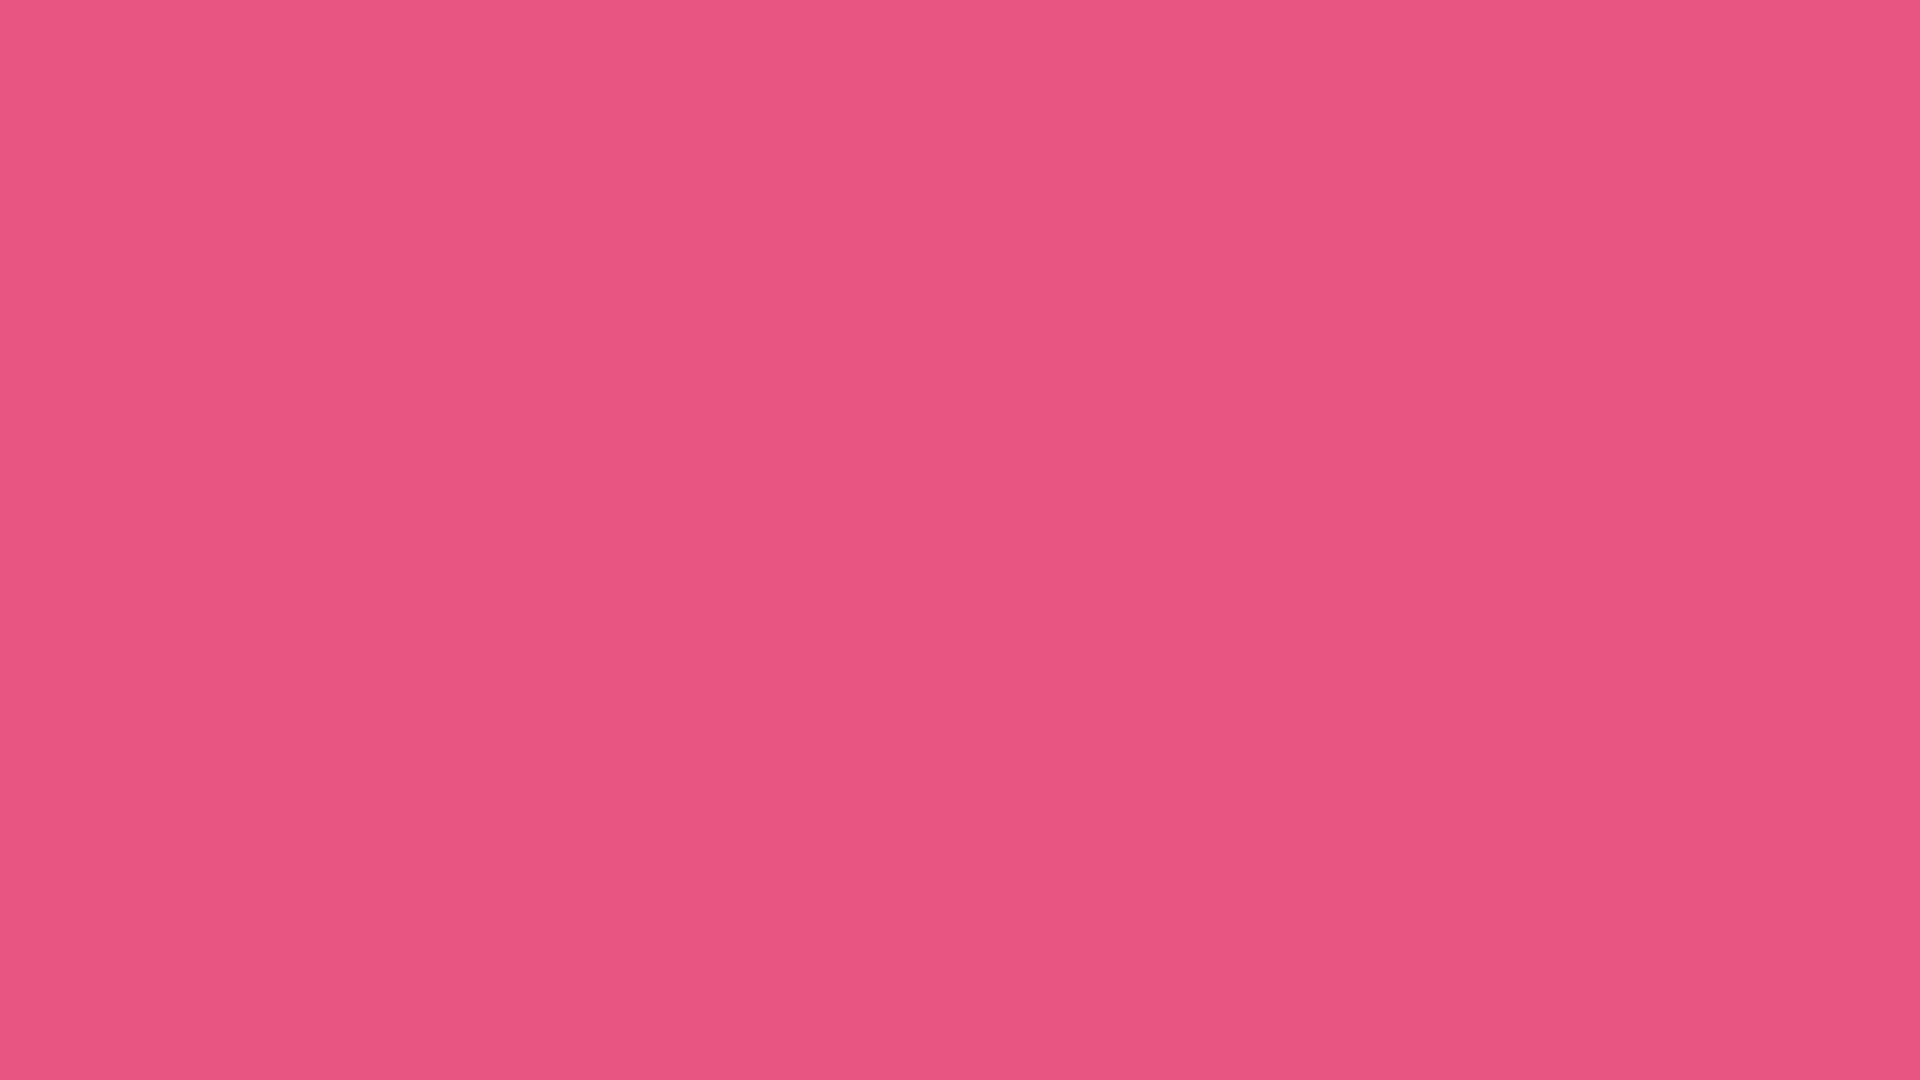 Rosa – en rosenrasande färg med klös